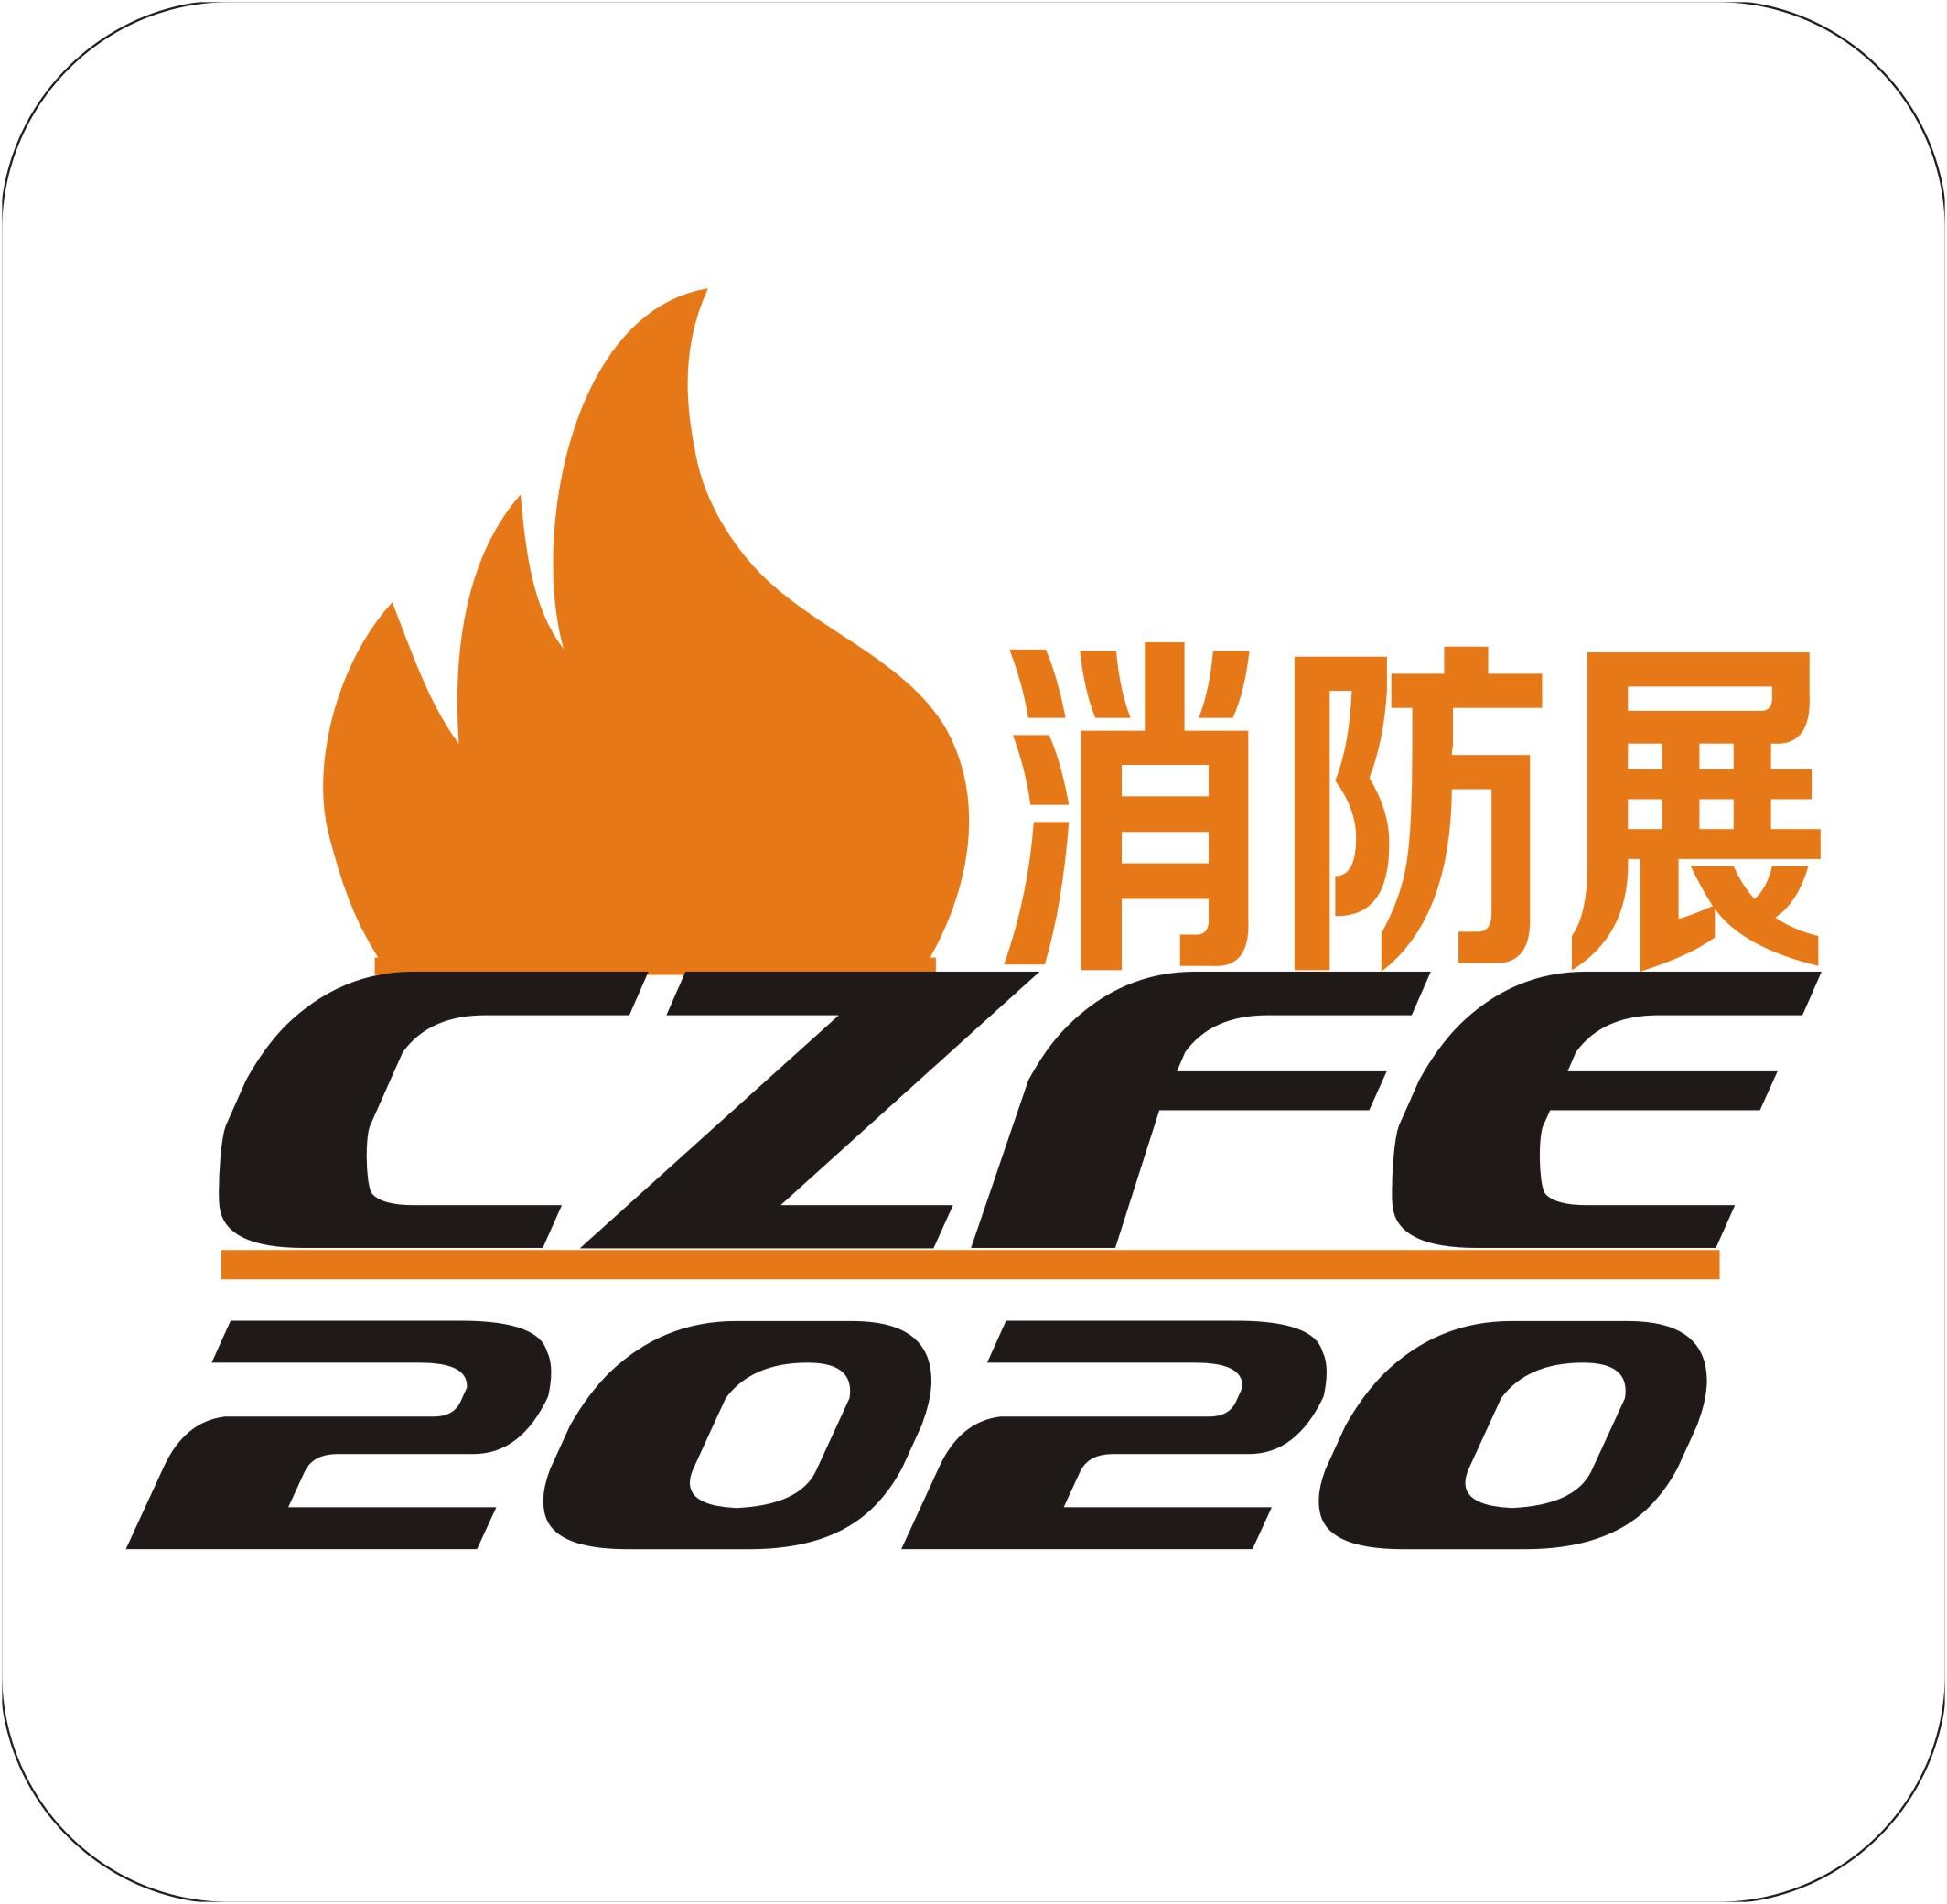 2020年第11届郑州消防设备展会-消防展